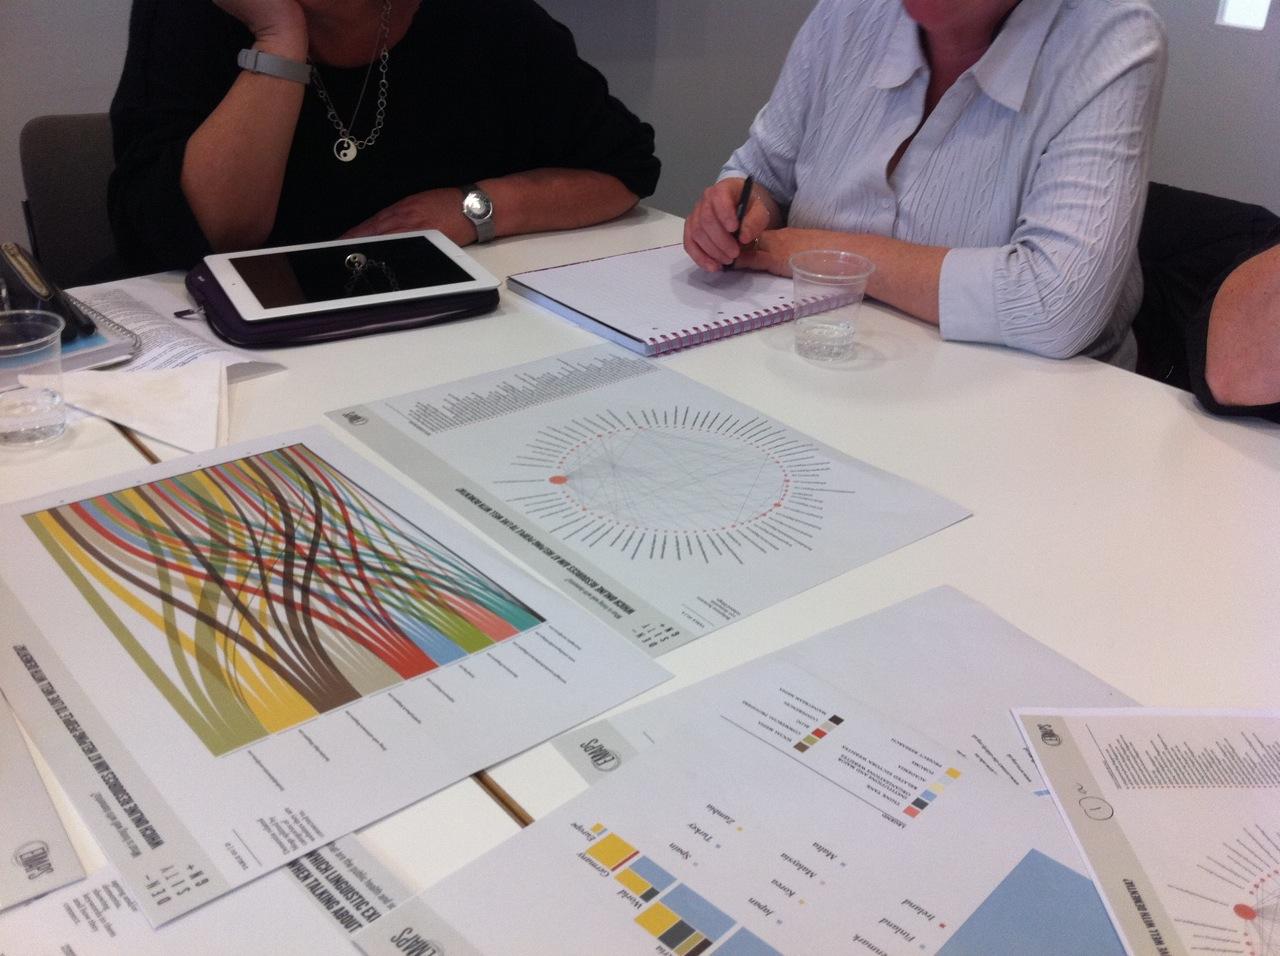 EMAPS workshop Oxford, October 2012